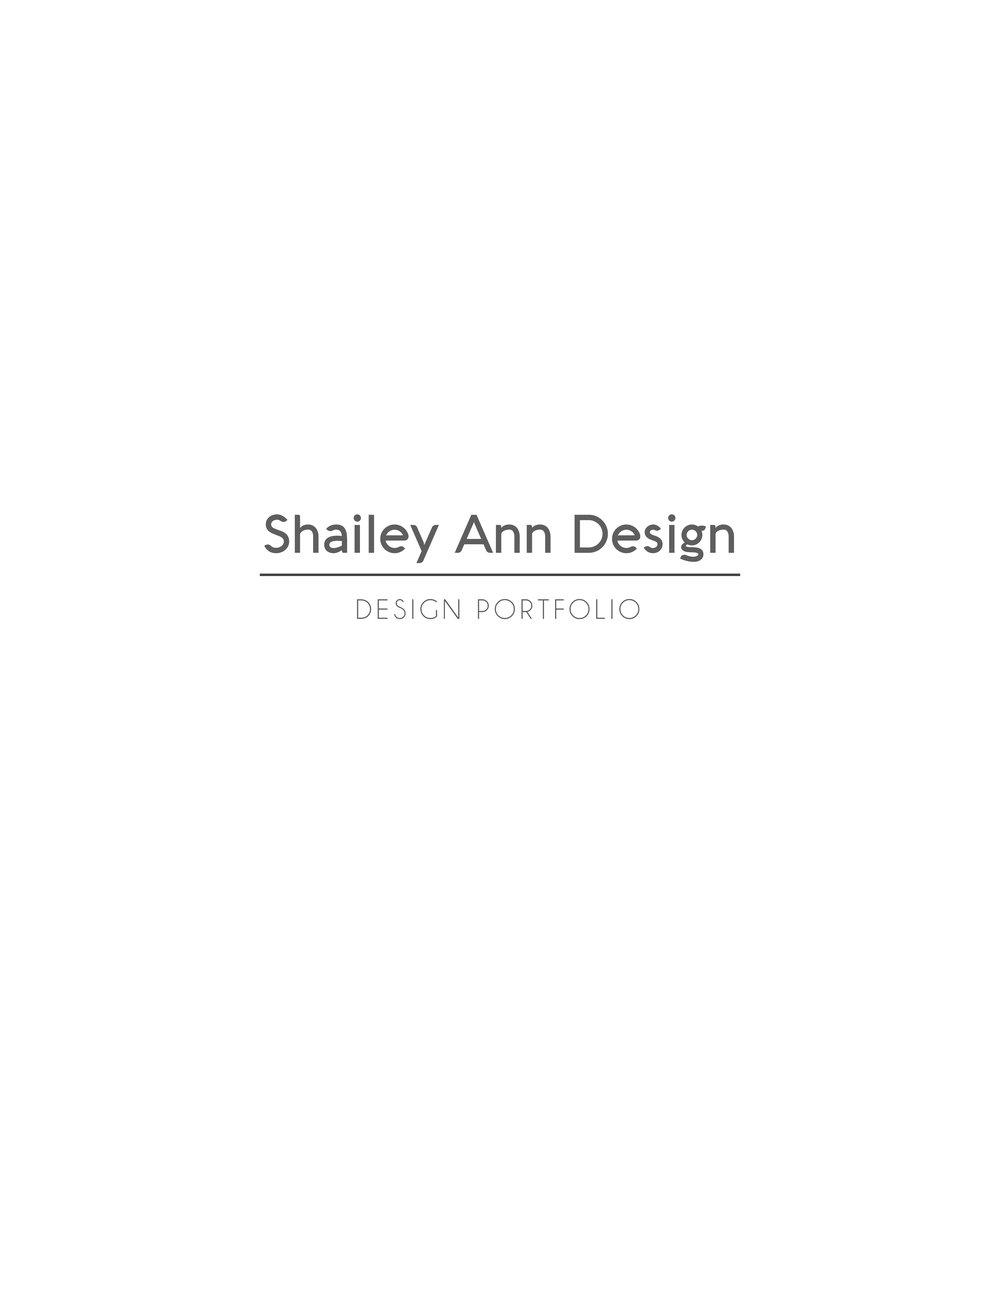 ShaileyAnn-Design-Portfolio-2.jpg